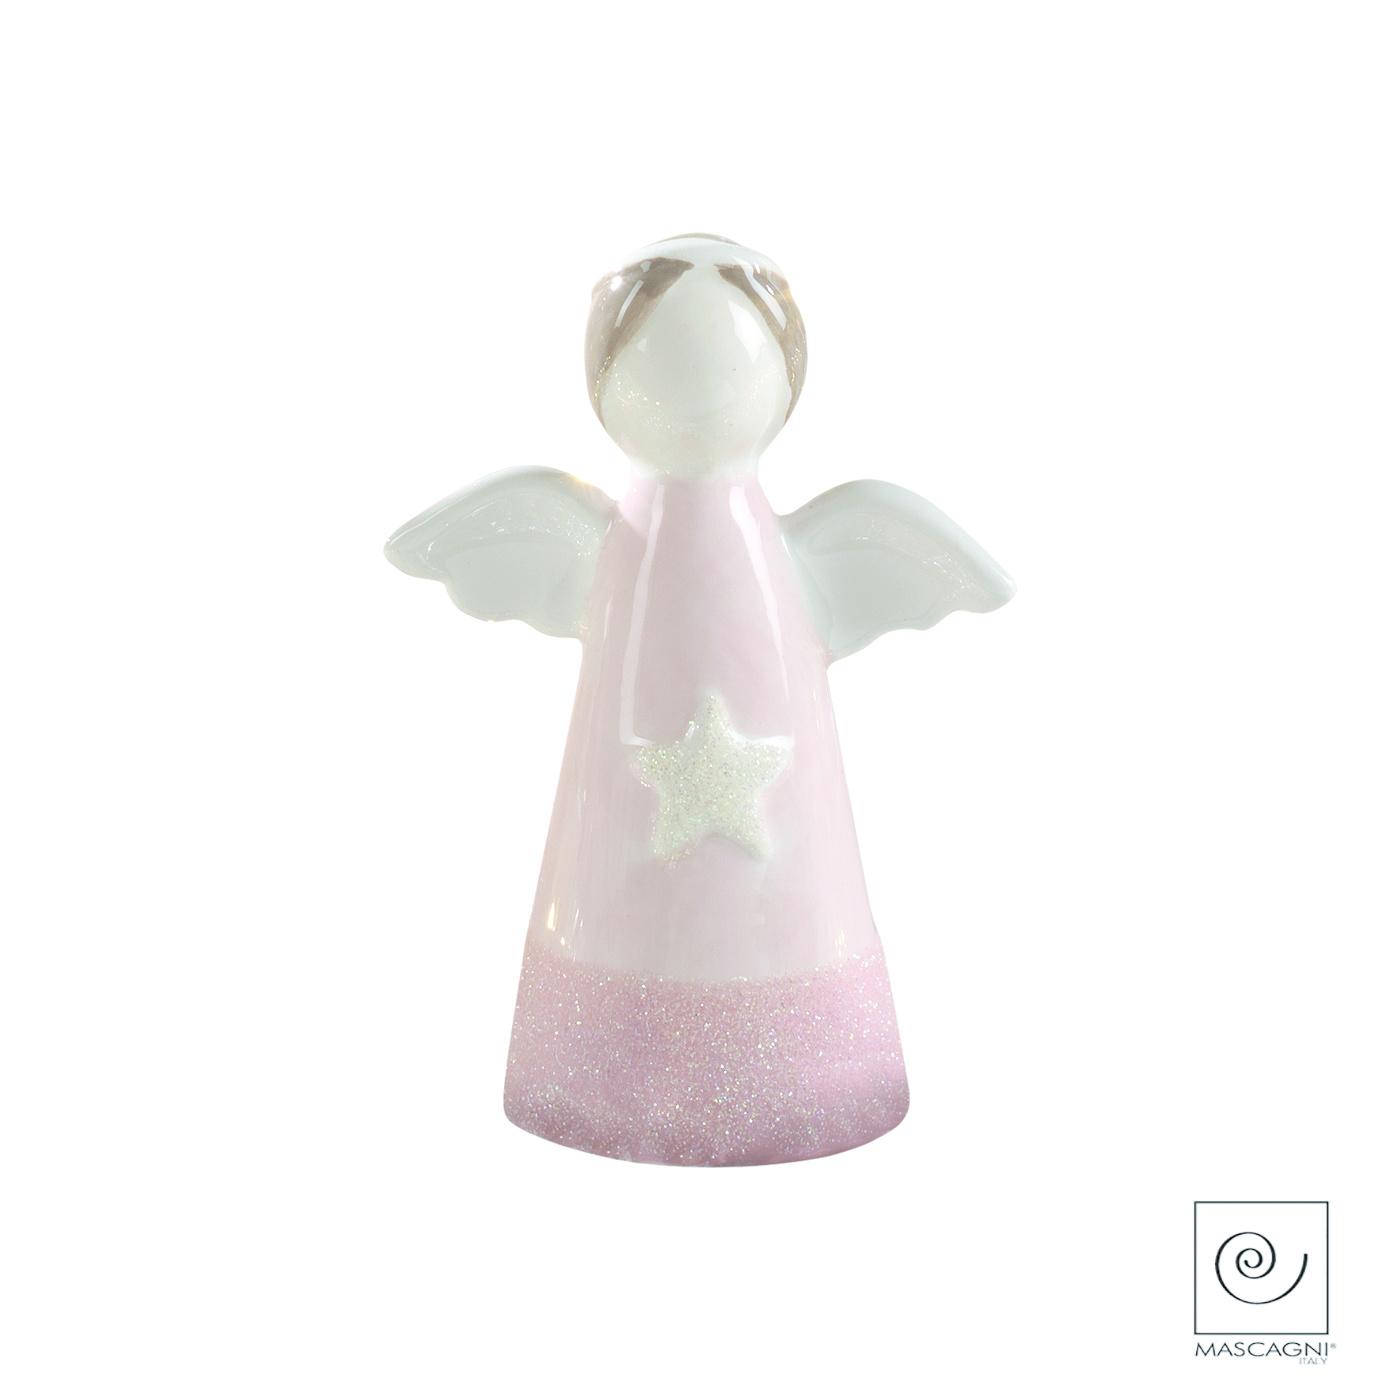 Art Mascagni SET 6 ANGEL CM.10